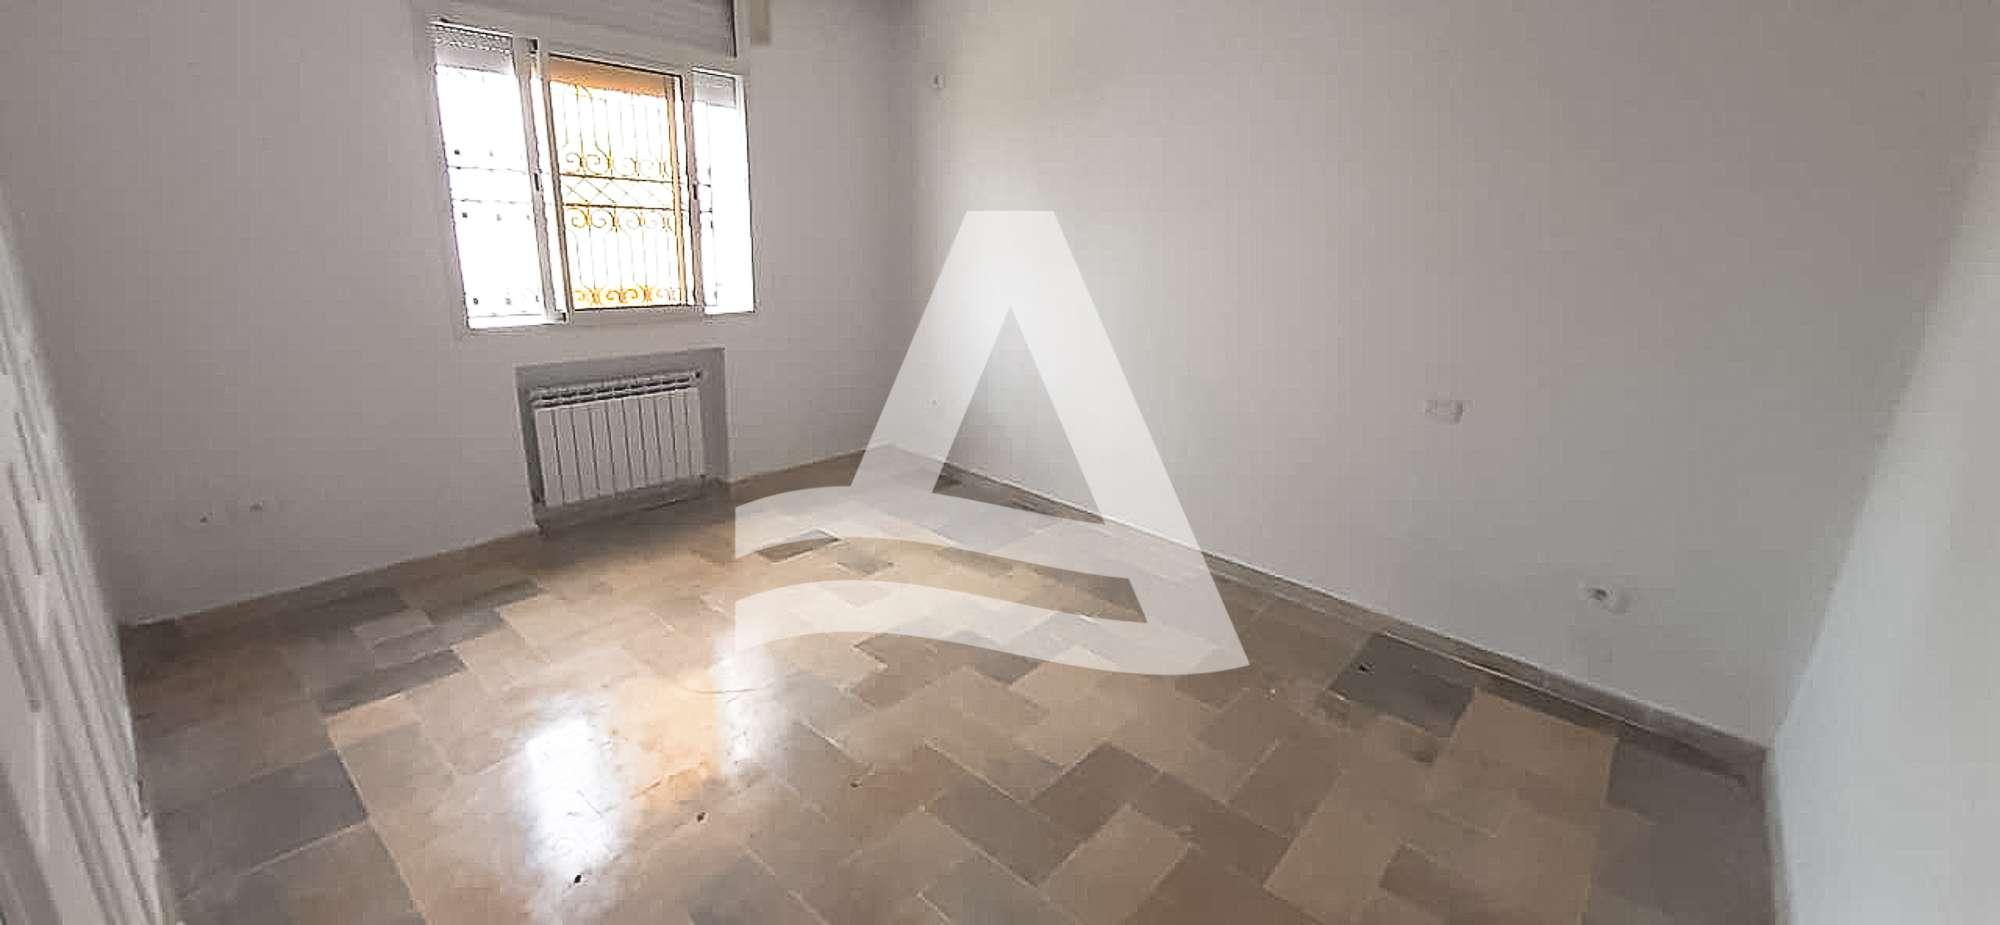 httpss3.amazonaws.comlogimoaws_Arcane_immobilière_la_Marsa-_location_-_vente_la_marsa__-6_1583581616918